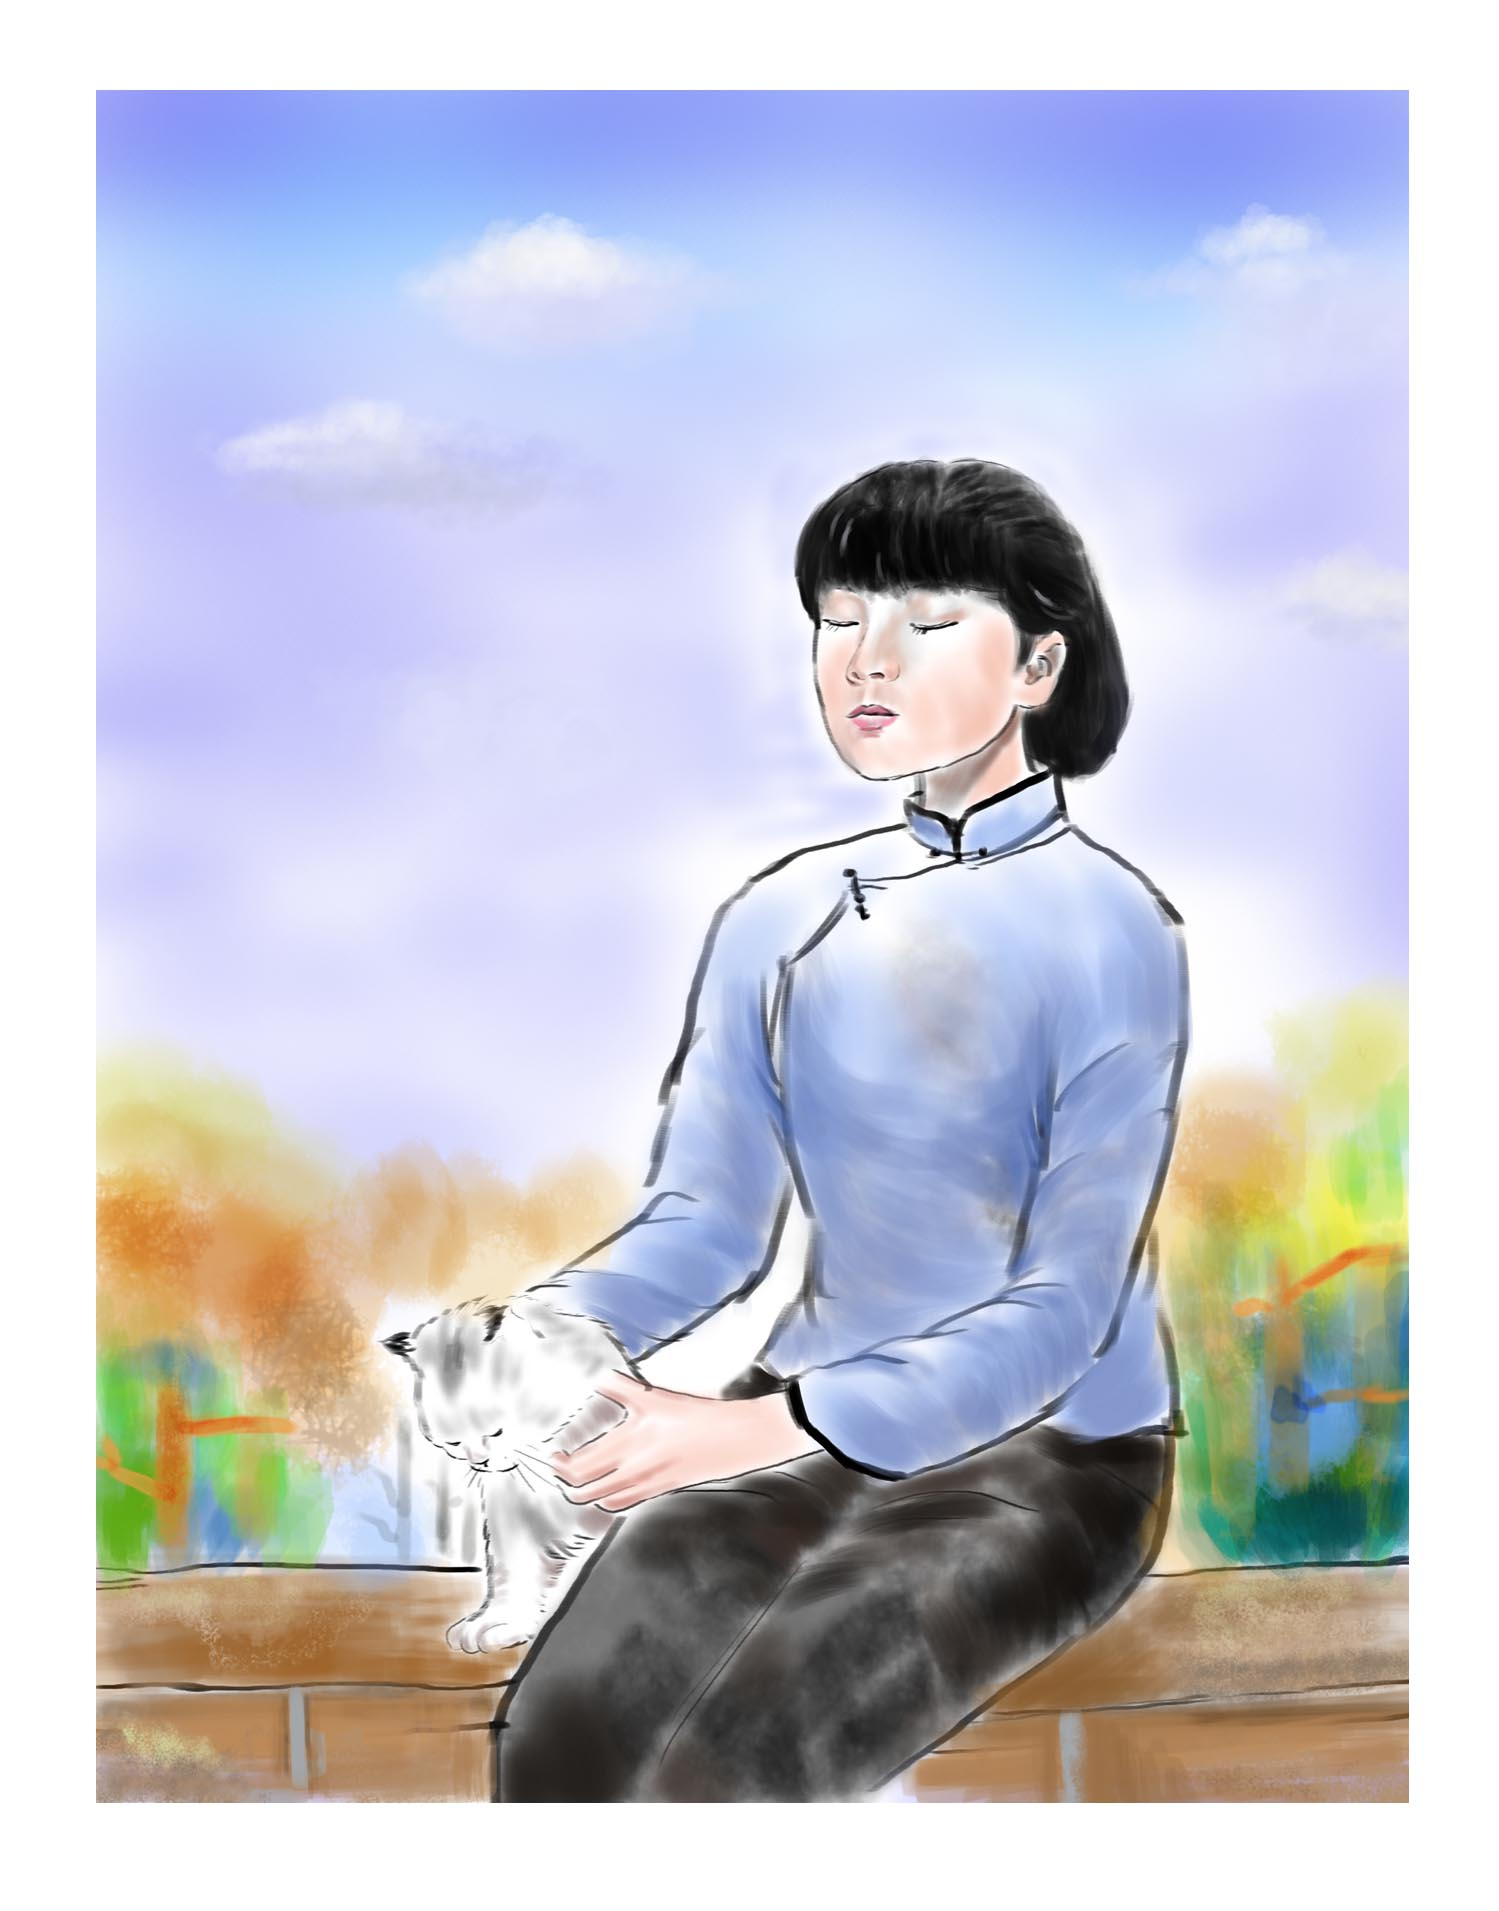 《繁星春水》插图|插画|商业插画|西安妙笔 - 原创图片